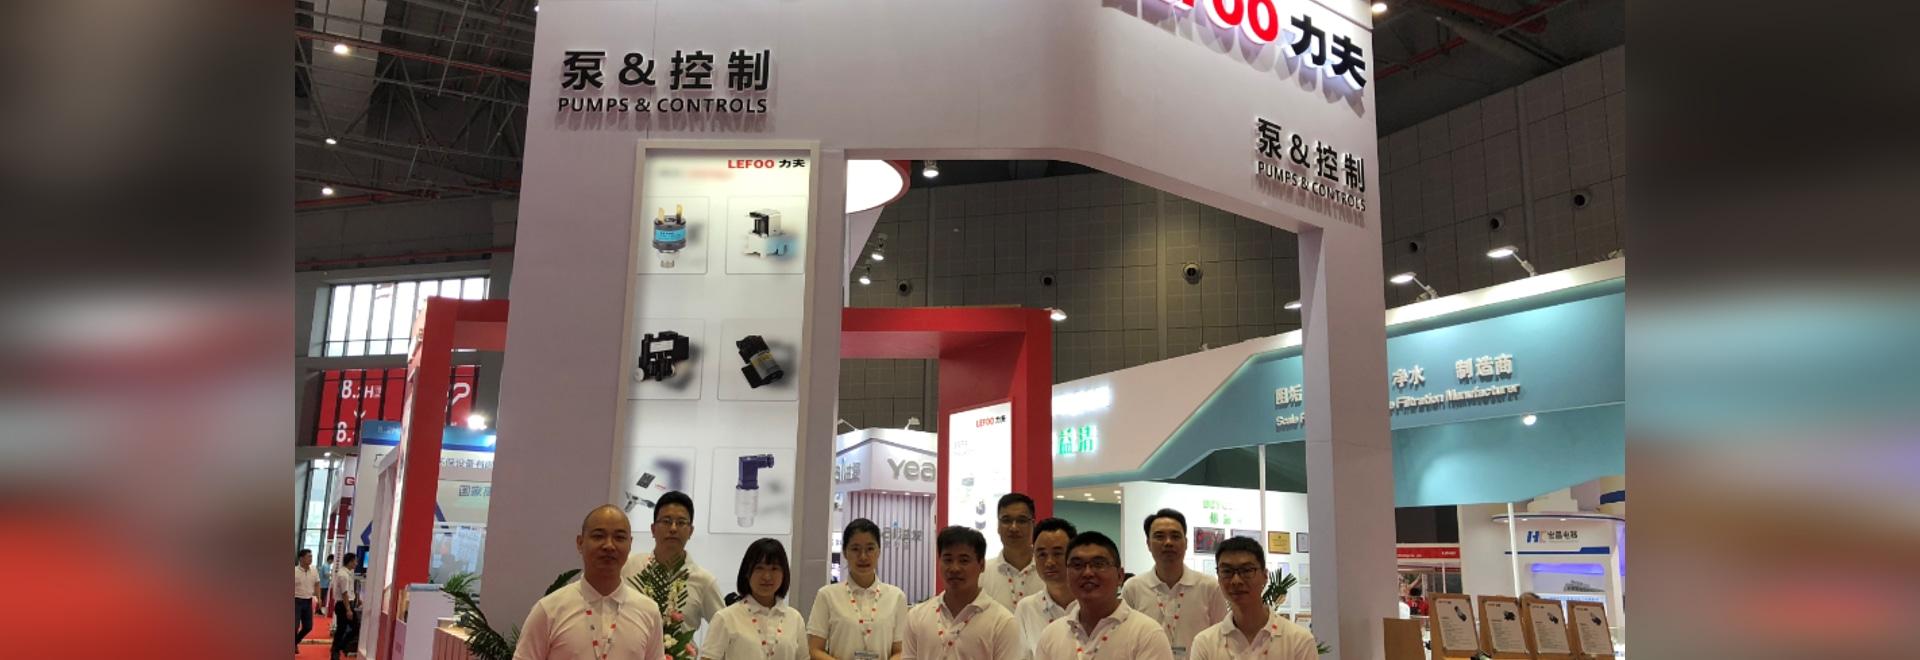 2018  Auqatech China